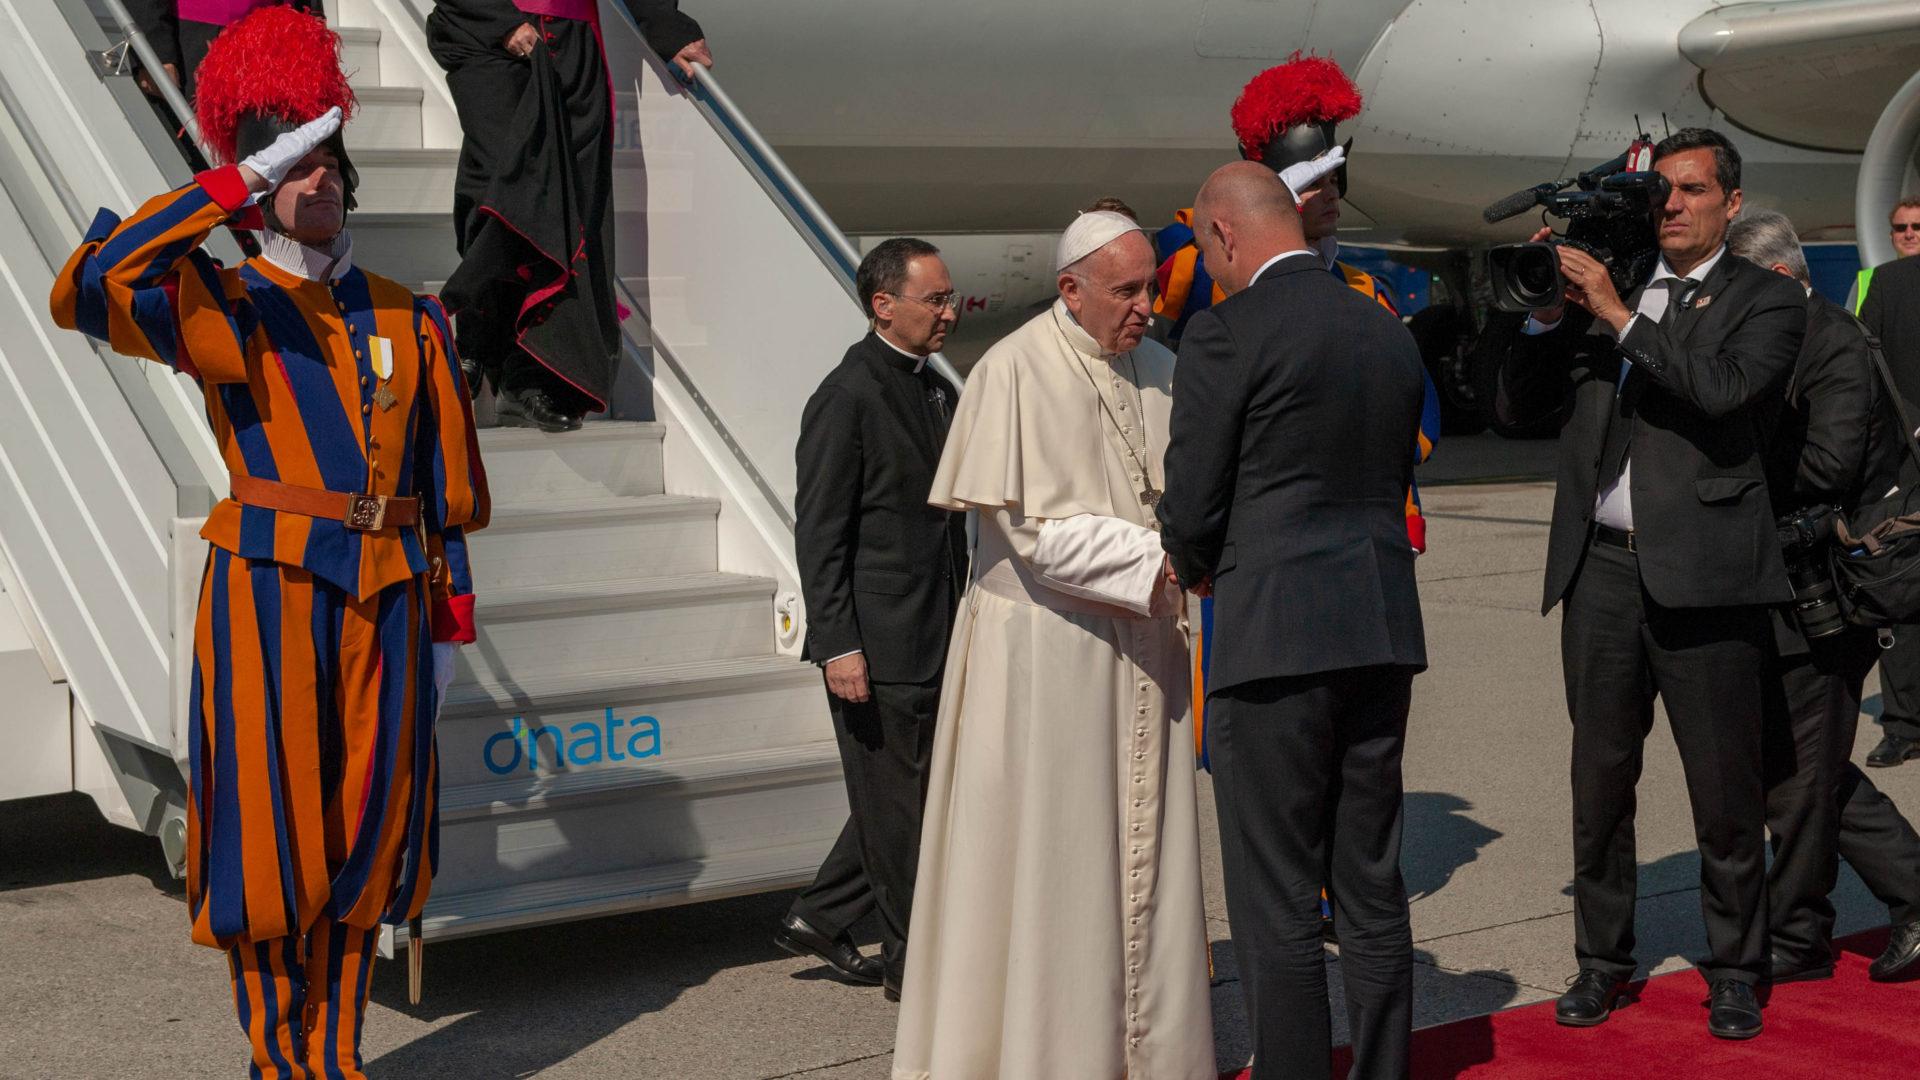 Bundesrat Alain Berset (r) begrüsst Papst Franziskus am Flughafen Genf   © Joanna Lindén-Montes, WCC